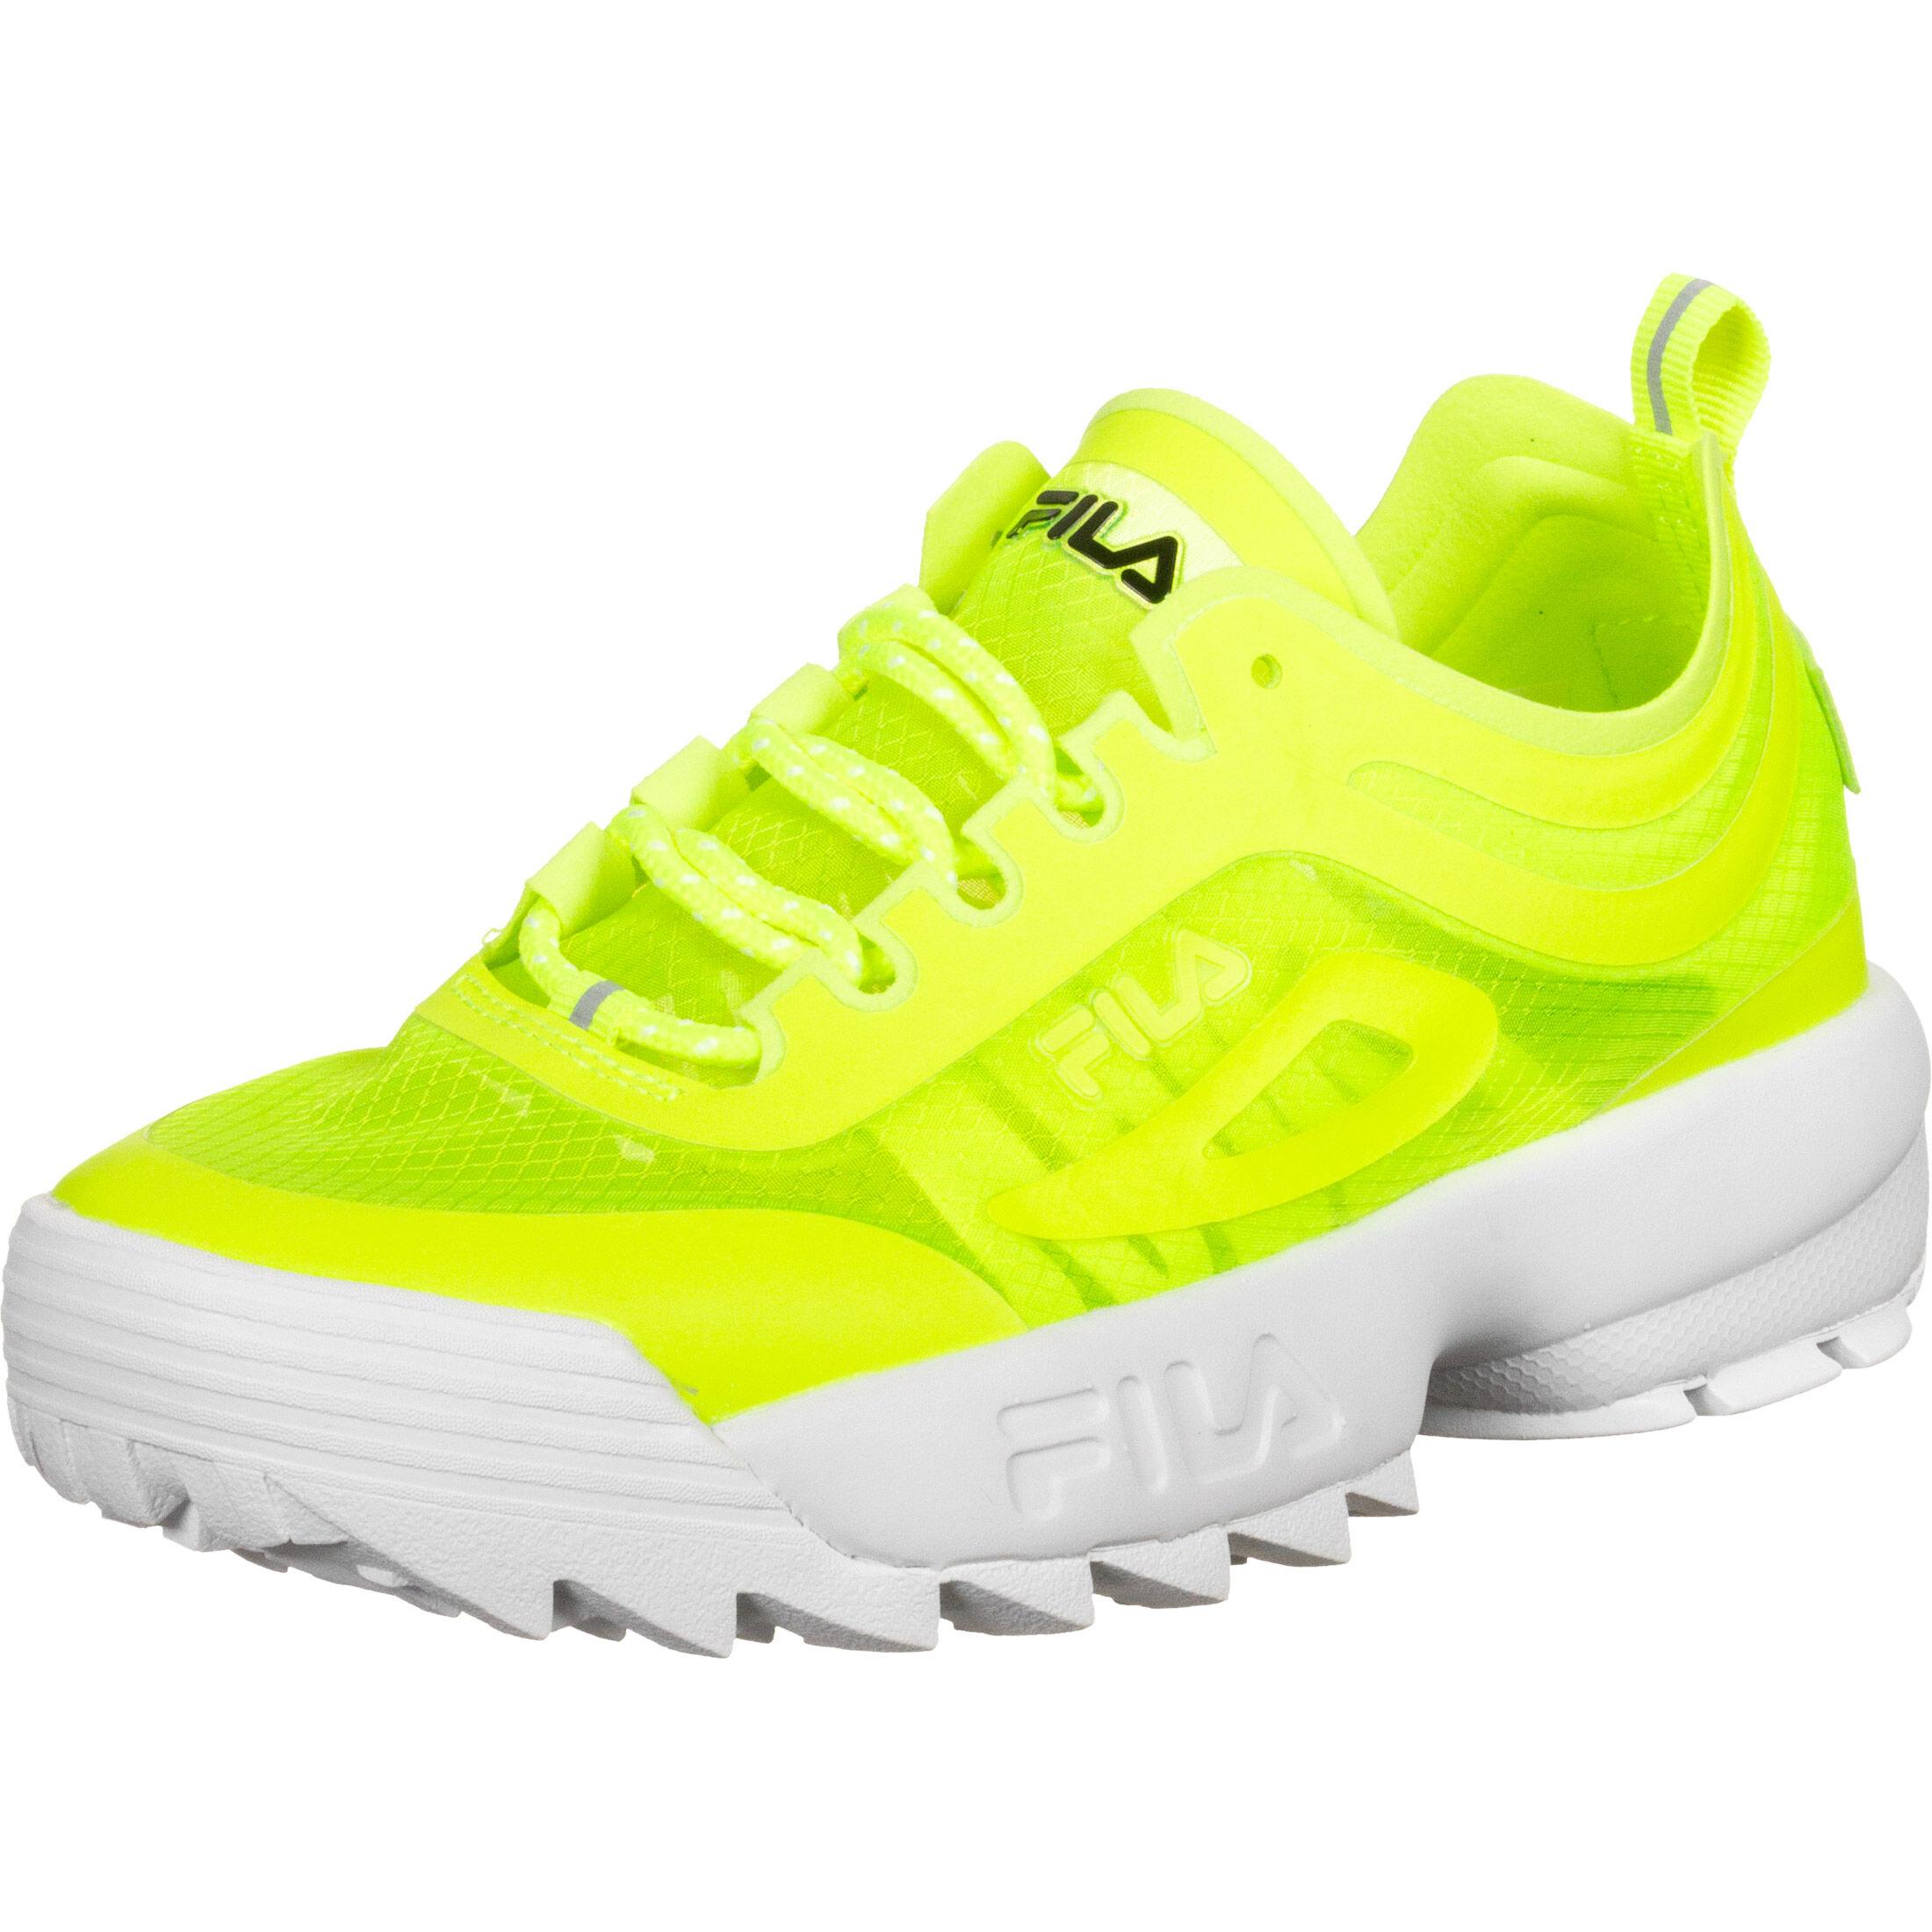 Fila Disruptor Run - Sneakers Low at